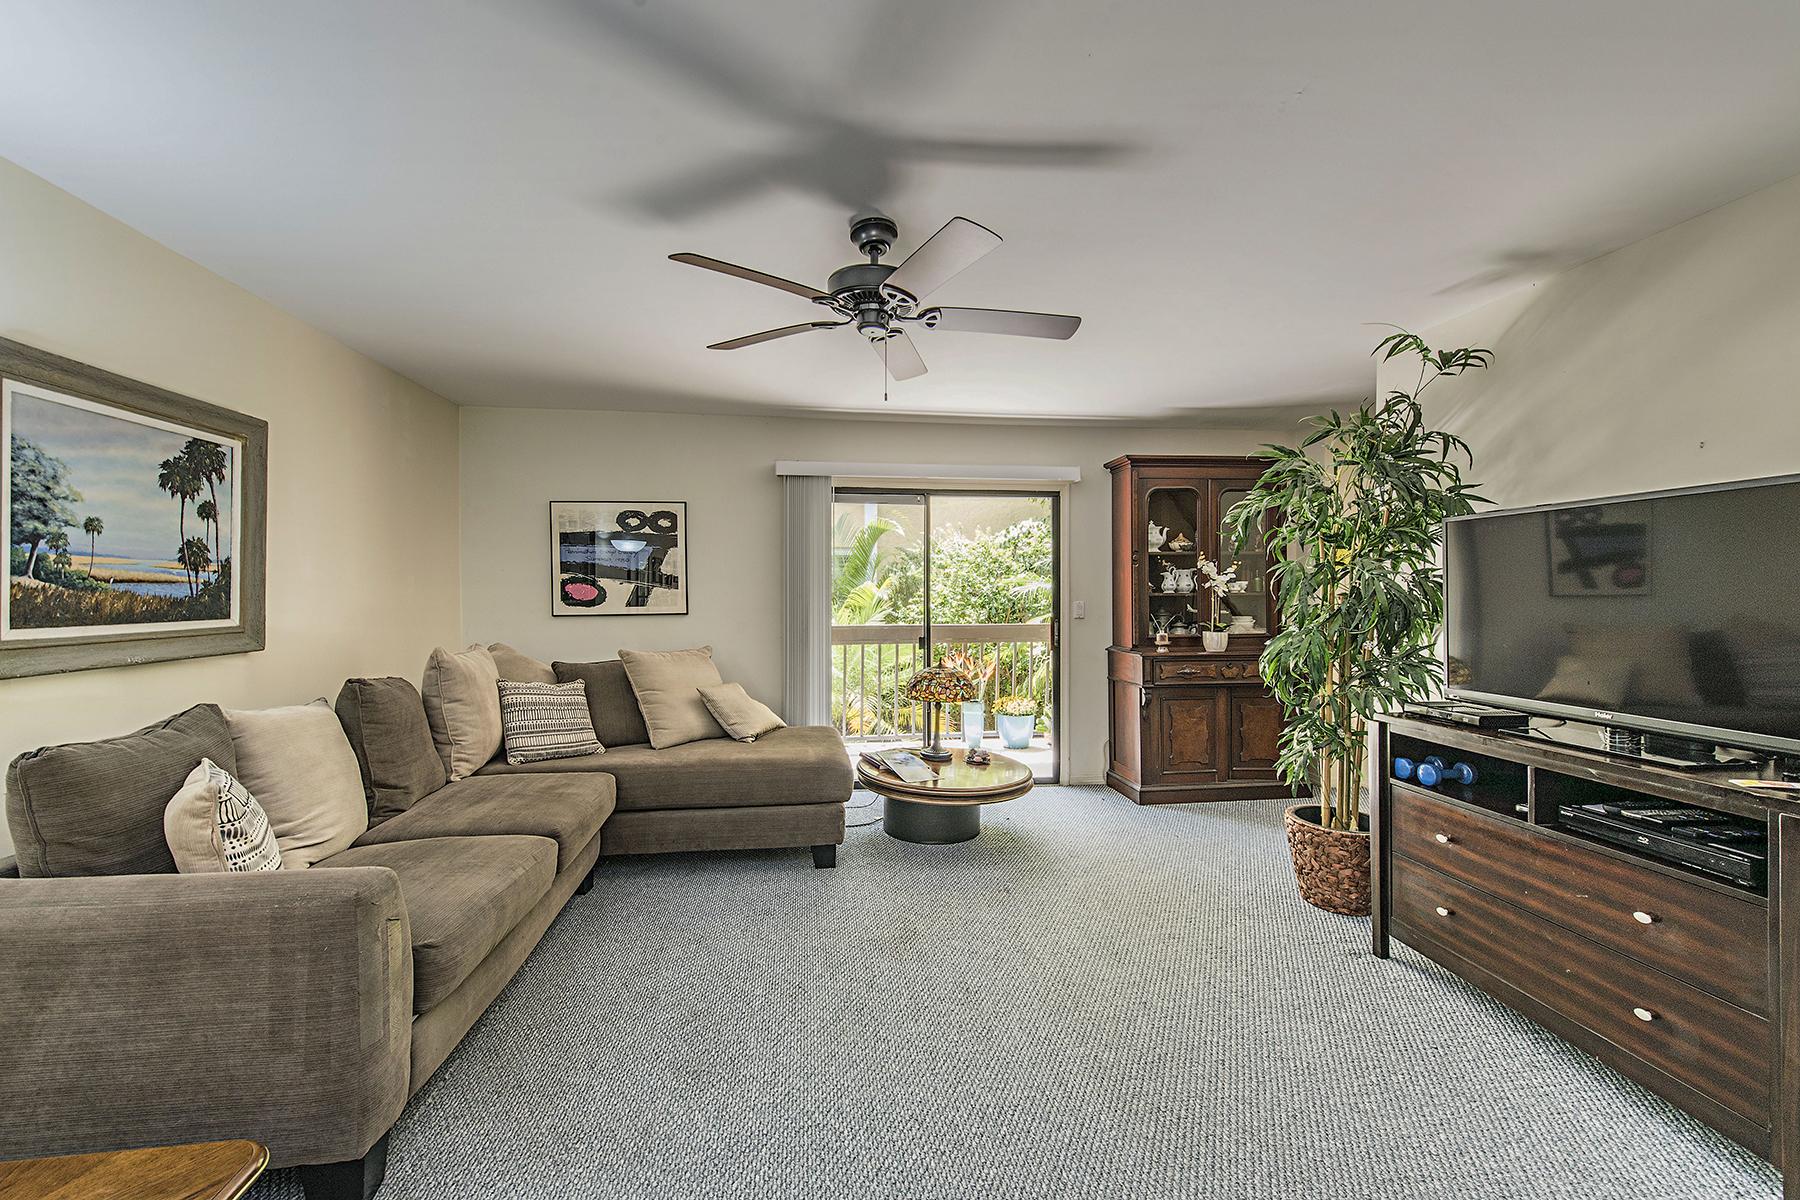 共管物業 為 出售 在 OLD NAPLES - NAPLES MARINA VILLAS 995 9th Ave S 4 Naples, 佛羅里達州, 34102 美國